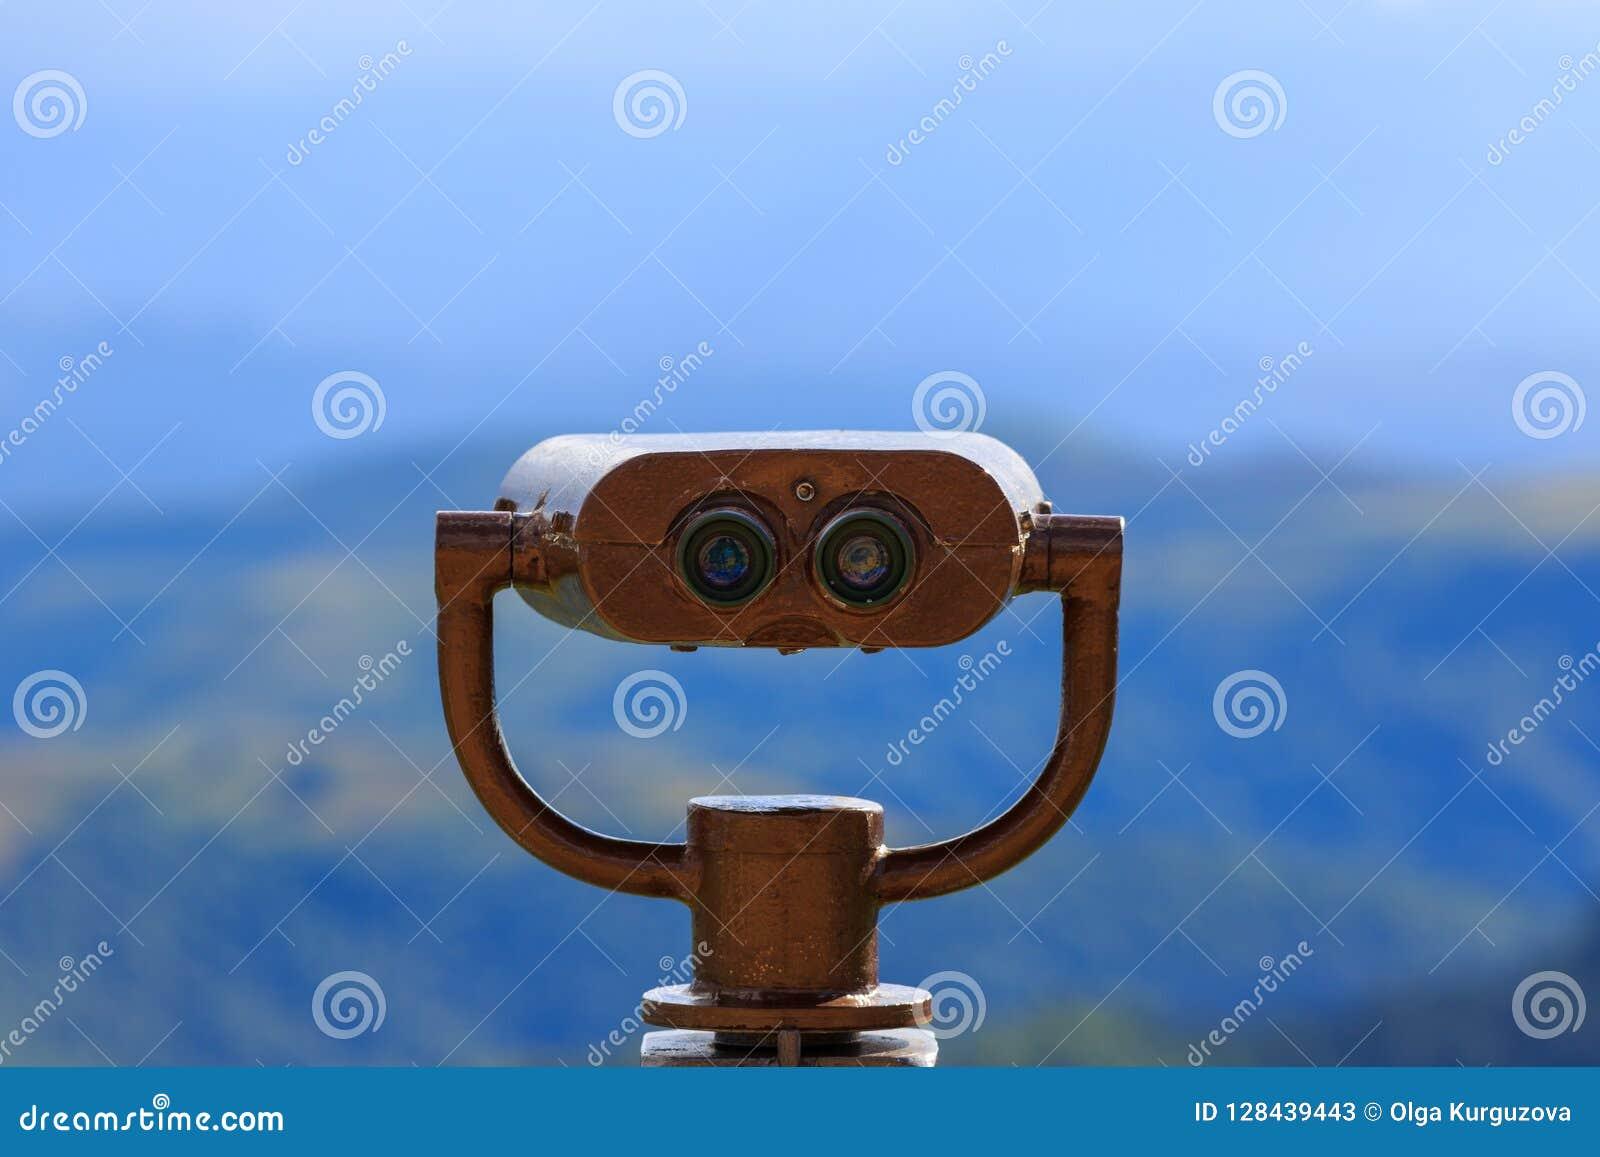 Binóculos em uma plataforma da visão para observar a flora, fauna